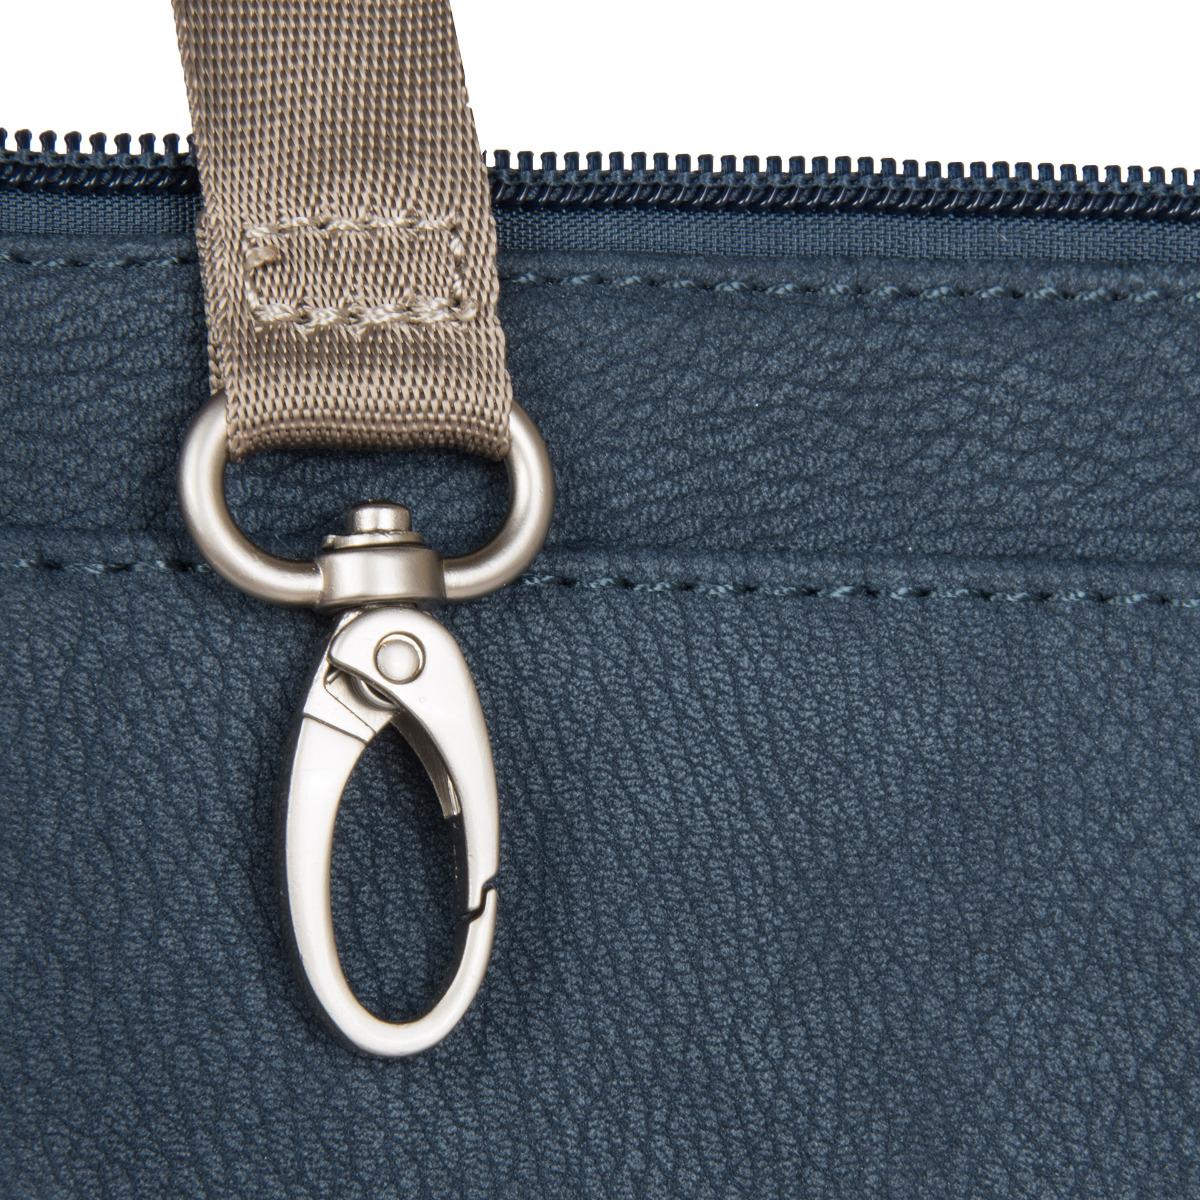 Zwei Mademoiselle MT13 Nubuk Blue Taška Zwei Mademoiselle MT13 se hodí na každodenní cesty do práce, školy nebo i do kina.  zadní kapsa na zip klopa s magnetickou přezkou zavírání na zip vnitřní polstrovaná kapsa kapsa na telefon poutko na klíče nastavitelný ramenní popruh  Údržba Koženka, ze které je brašna vyrobena, se obvykle velmi snadno čistí a je nepromokavá.